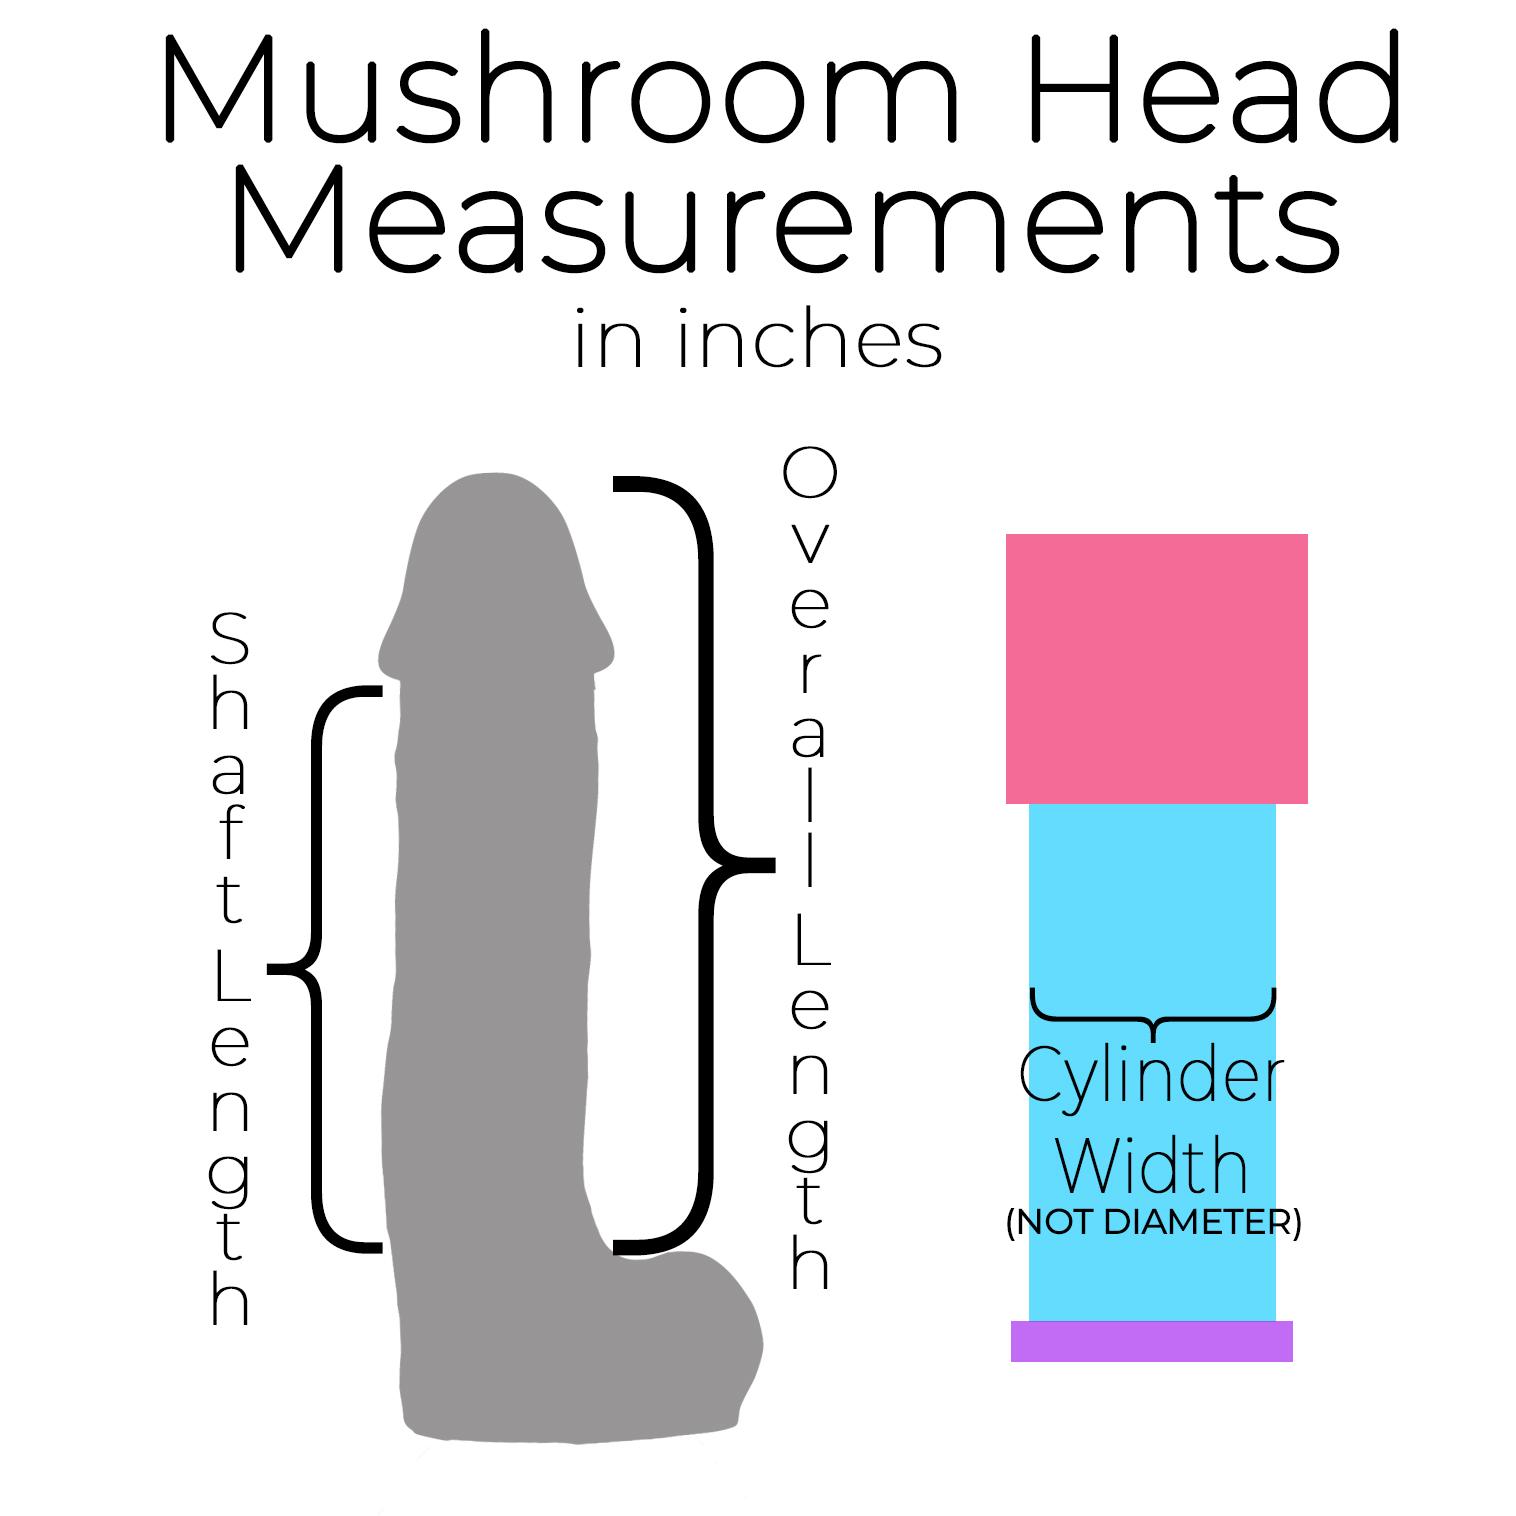 la-pump-mushroom-head-measuremnts-1.jpg